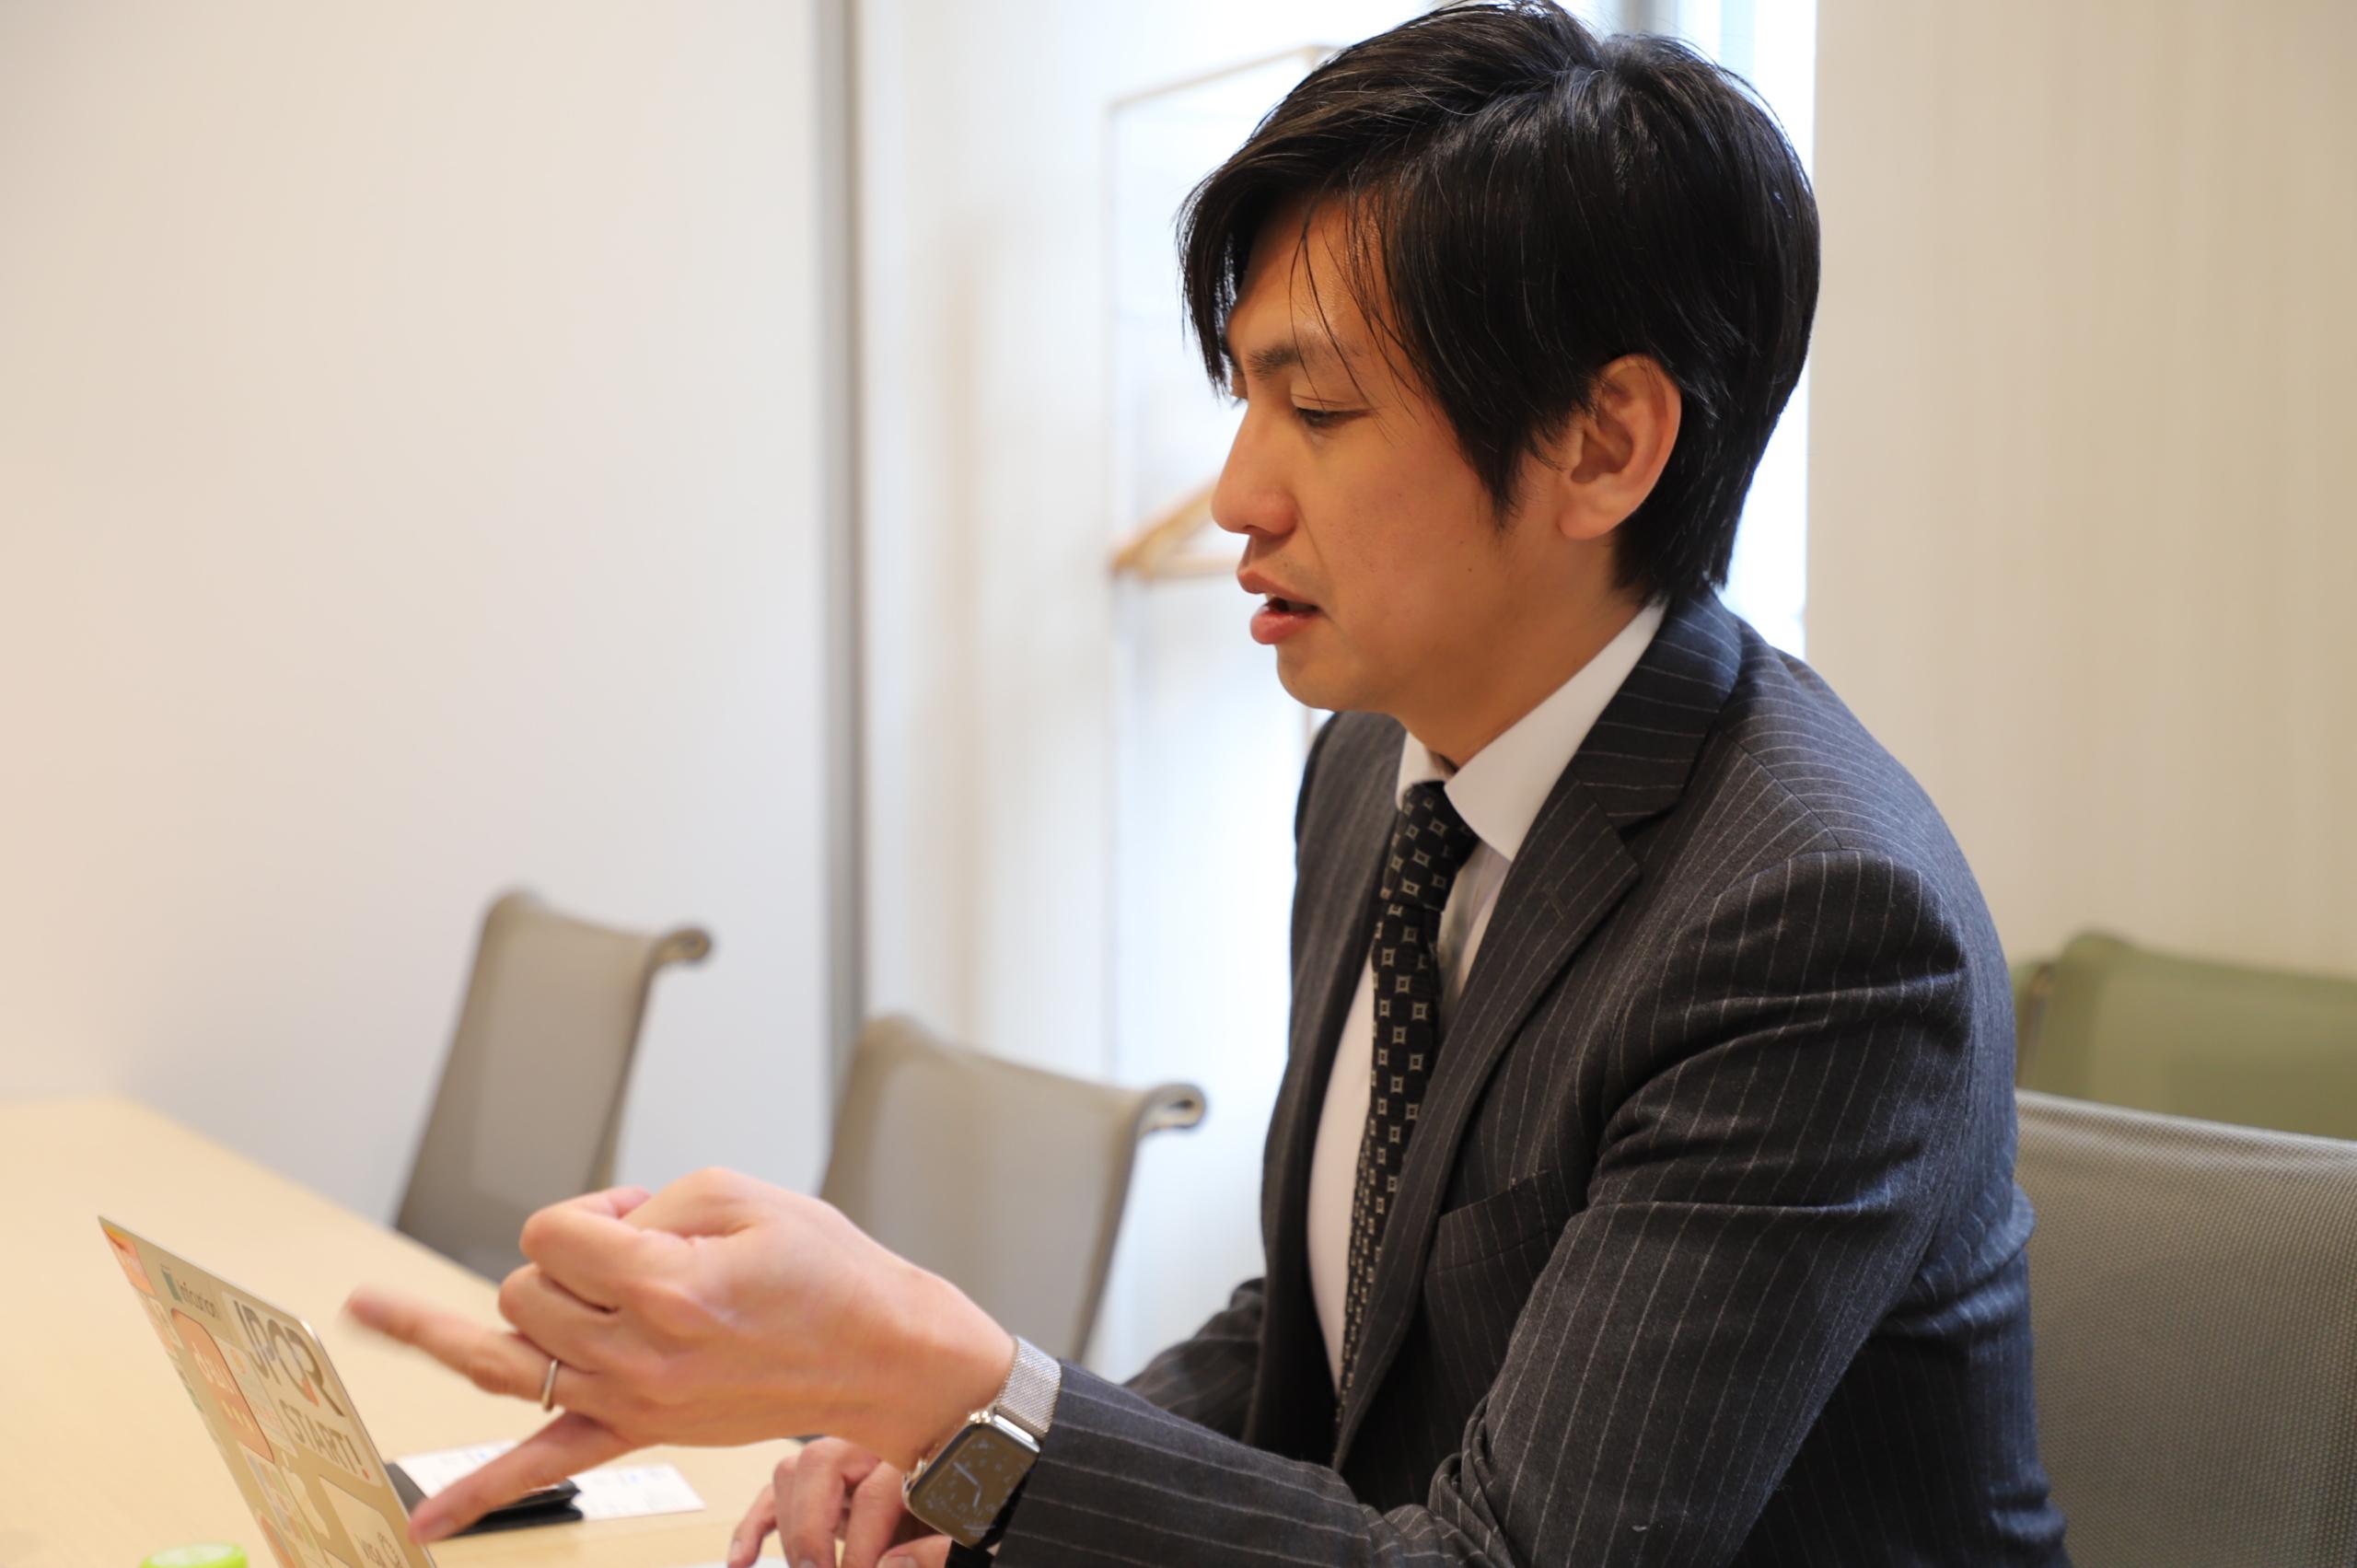 一般社団法人キャッシュレス推進協議会・福田好郎事務局長